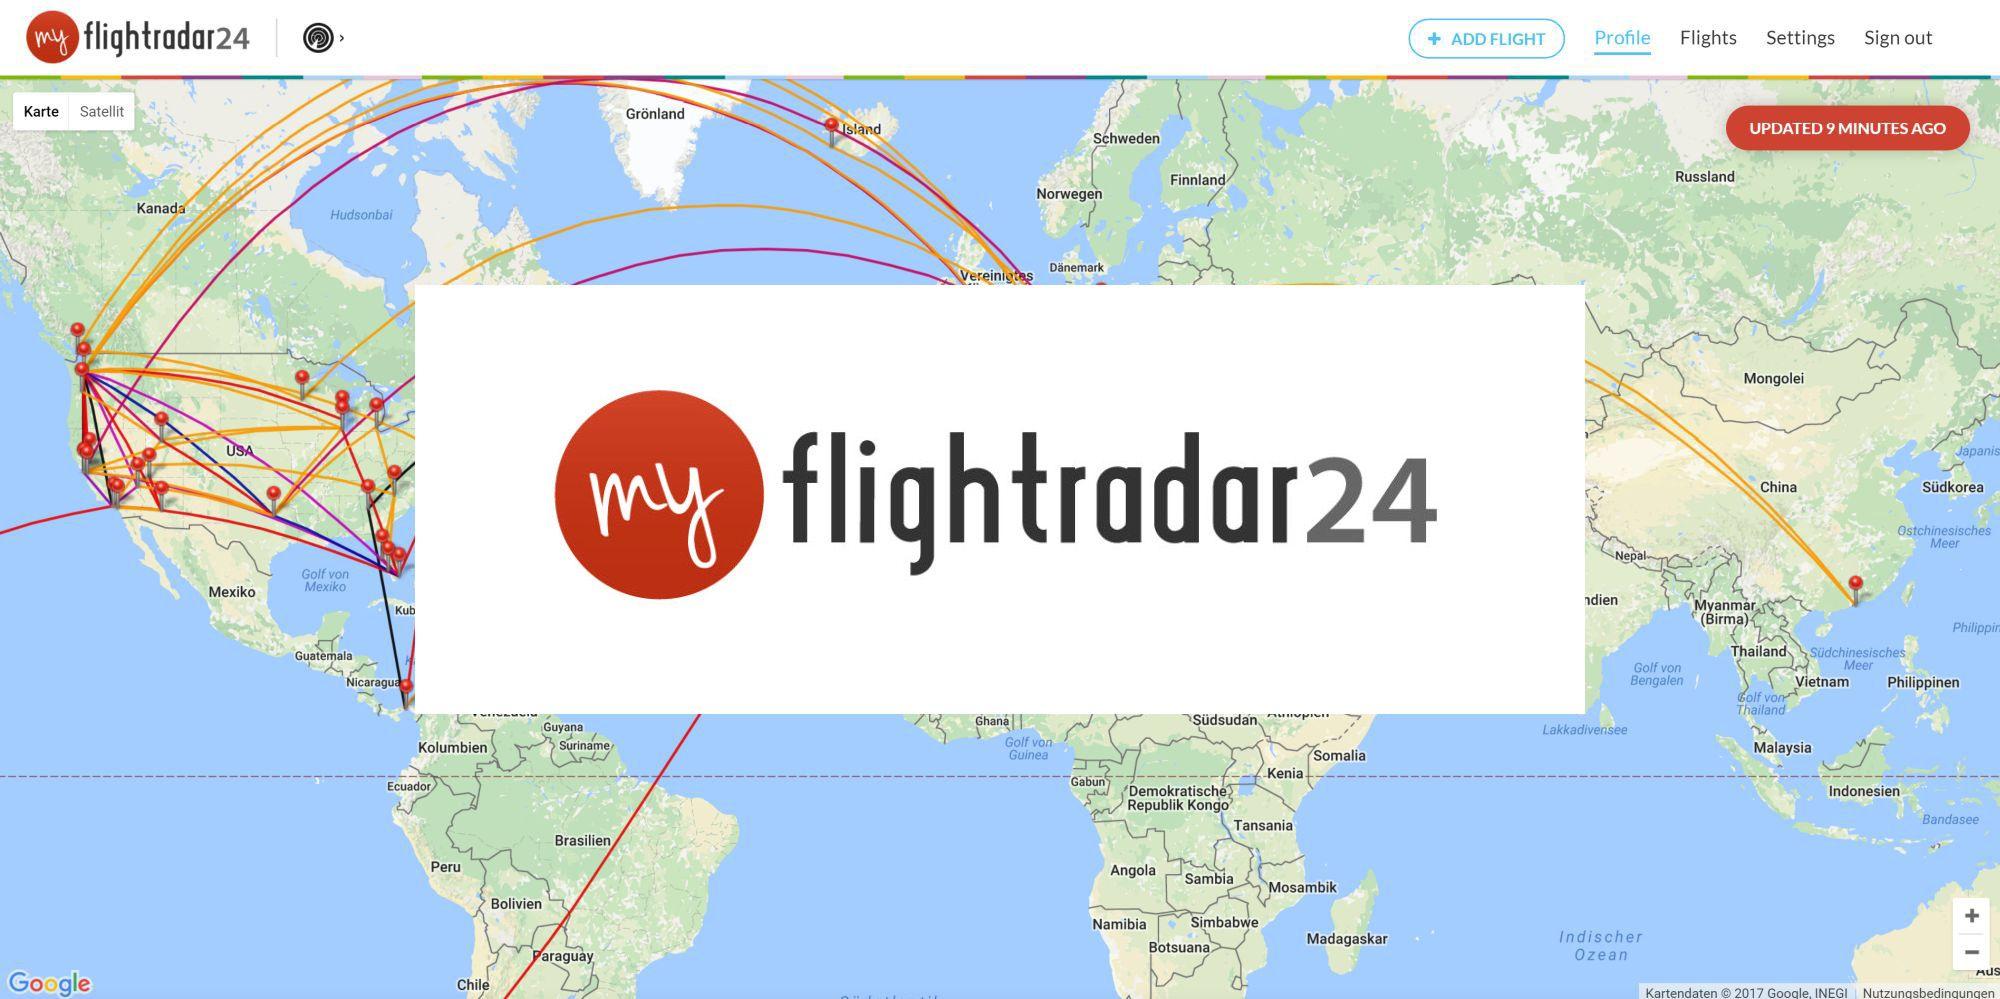 Flightdiary.com becomes myFlightradar24.com